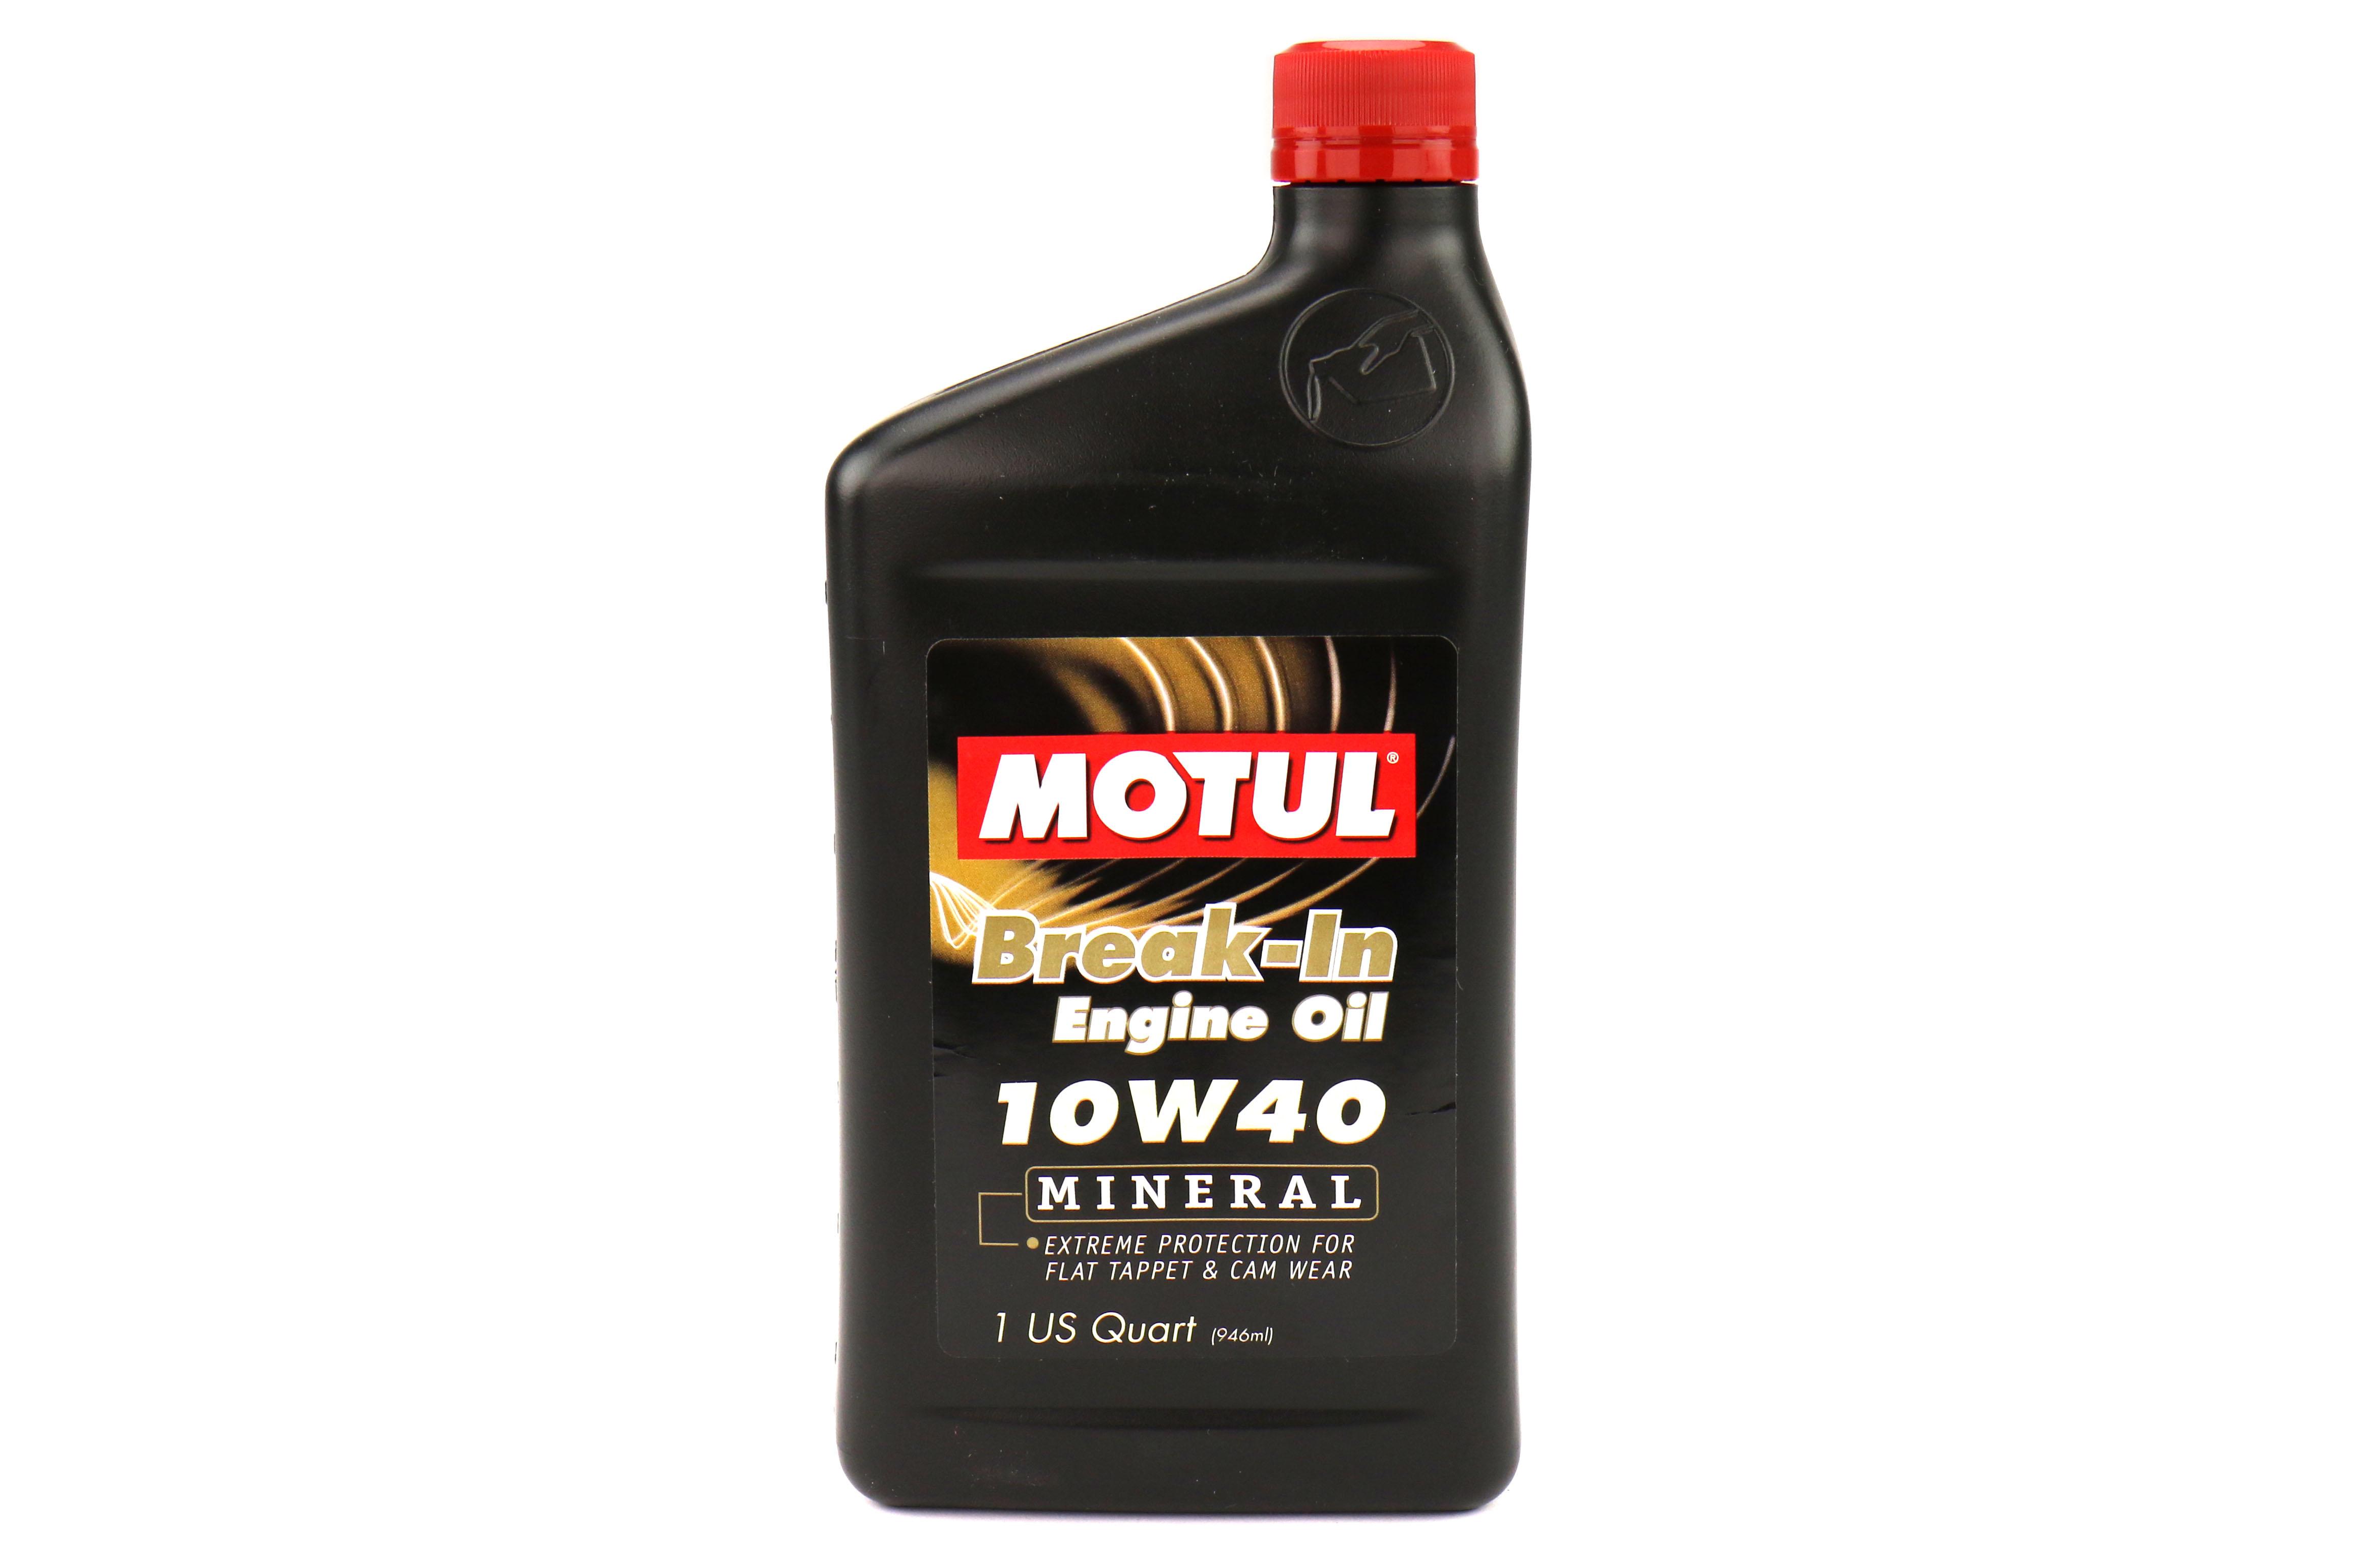 Motul Break-In Engine Oil 10W40 (MINERAL)